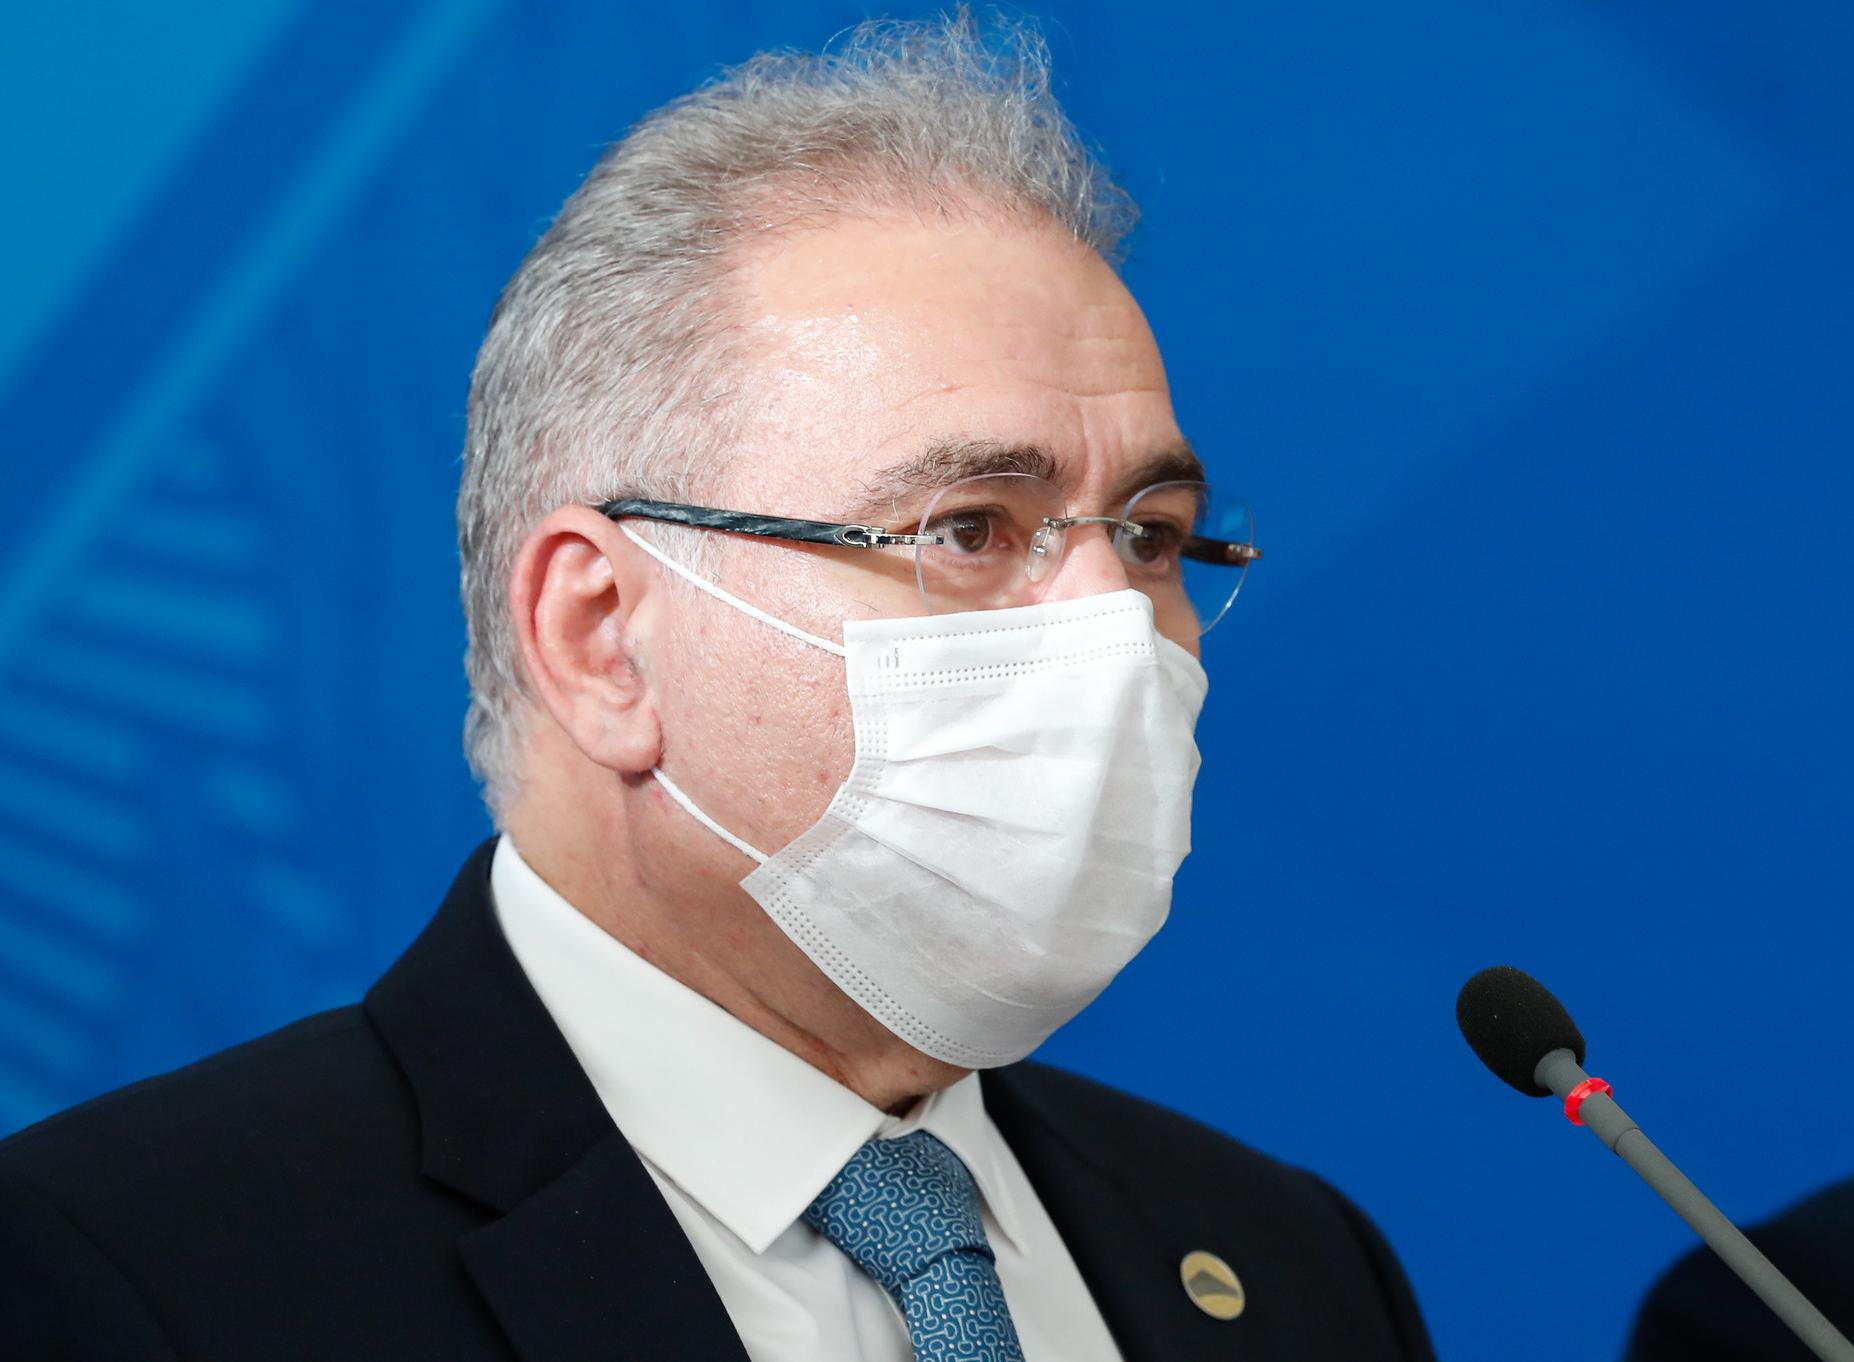 Ministro da Saúde disse que não é censor da fala do presidente da República